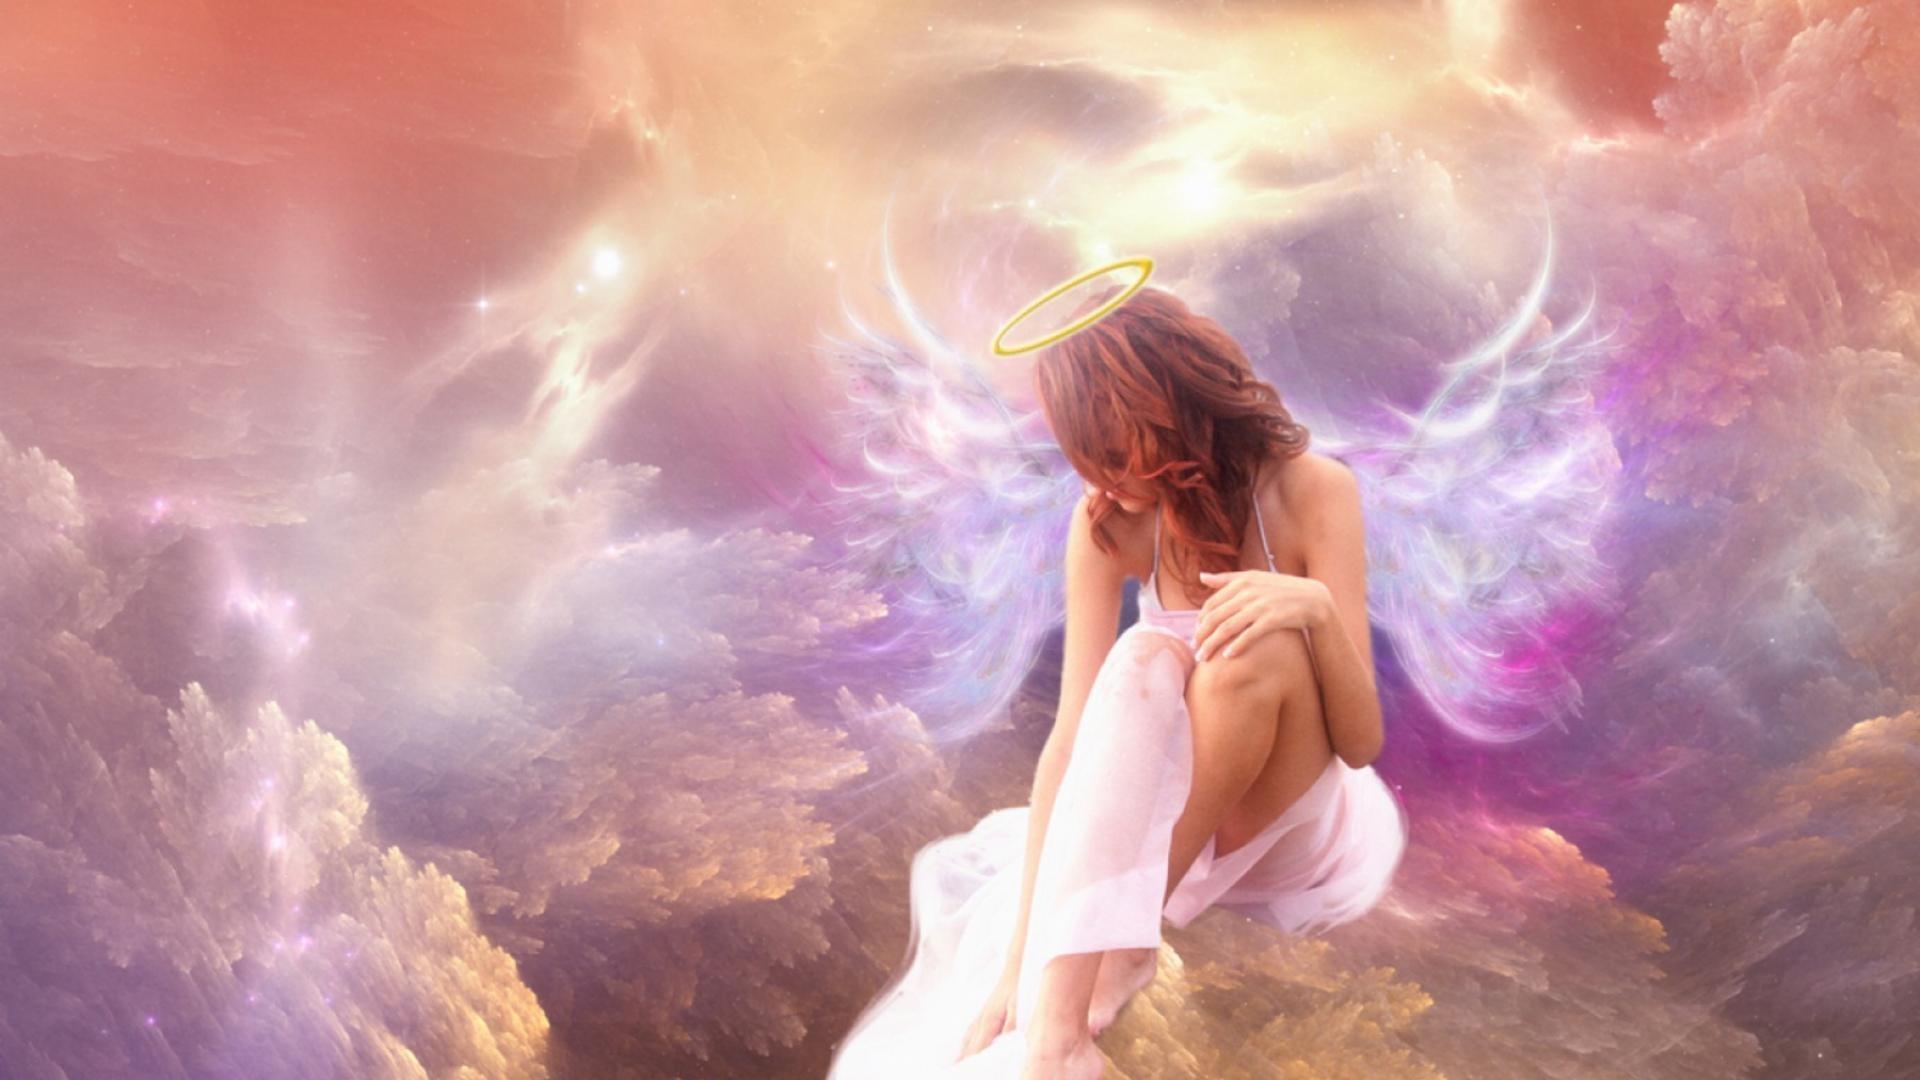 heavenly angels desktop wallpaper (46+ images)